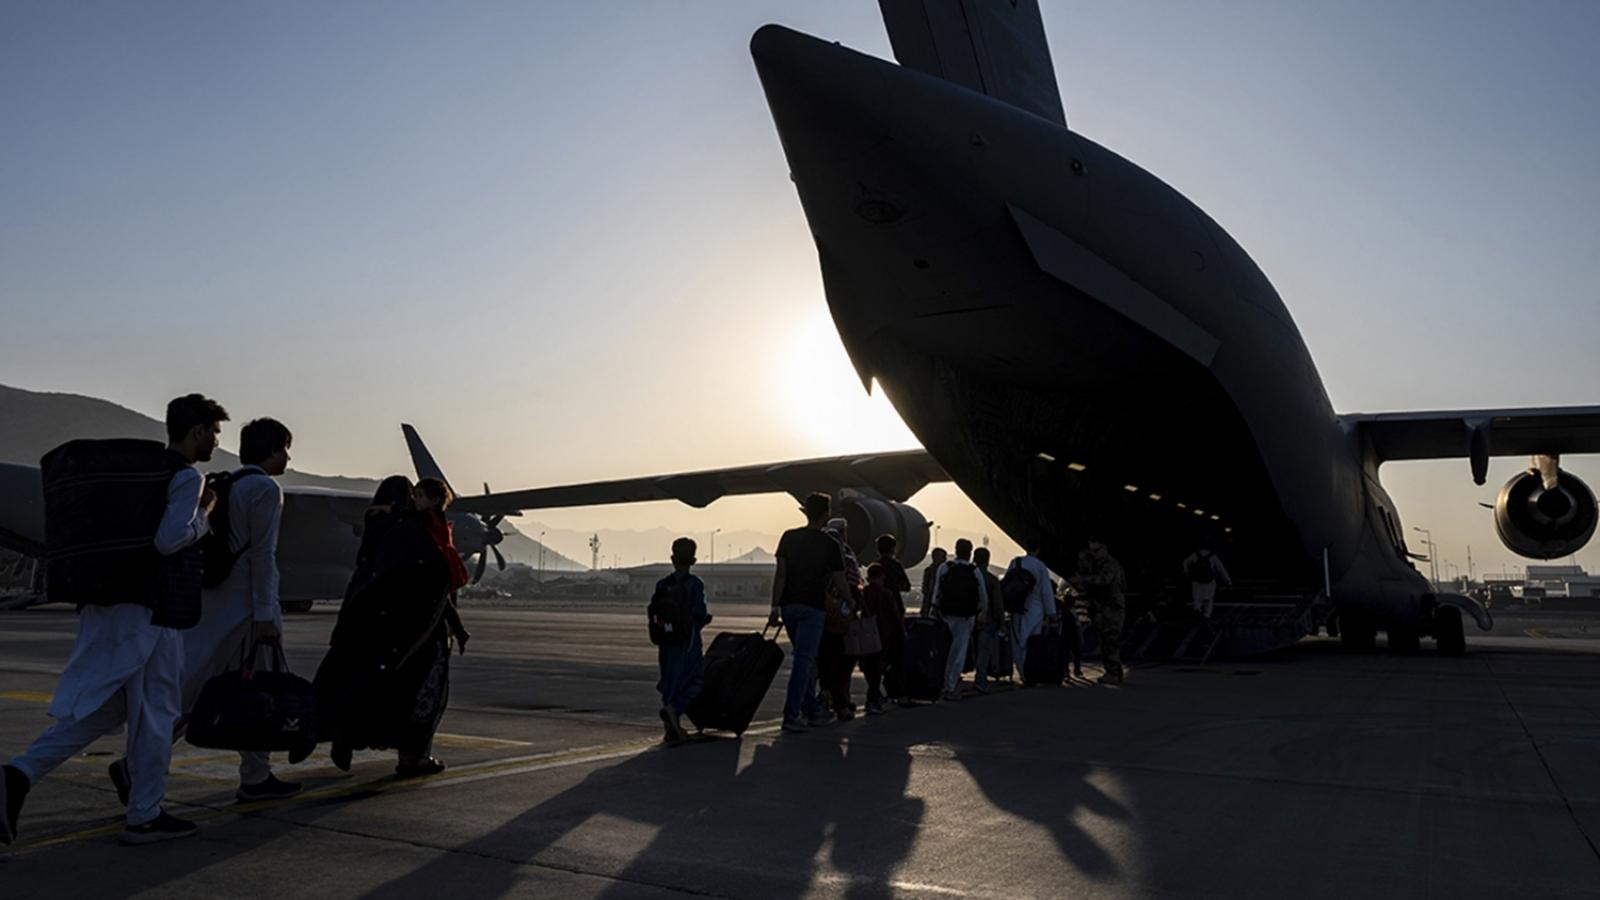 Lầu Năm Góc: Tổ chức khủng bố IS đe dọa phá hoại cuộc sơ tán khỏi Afghanistan